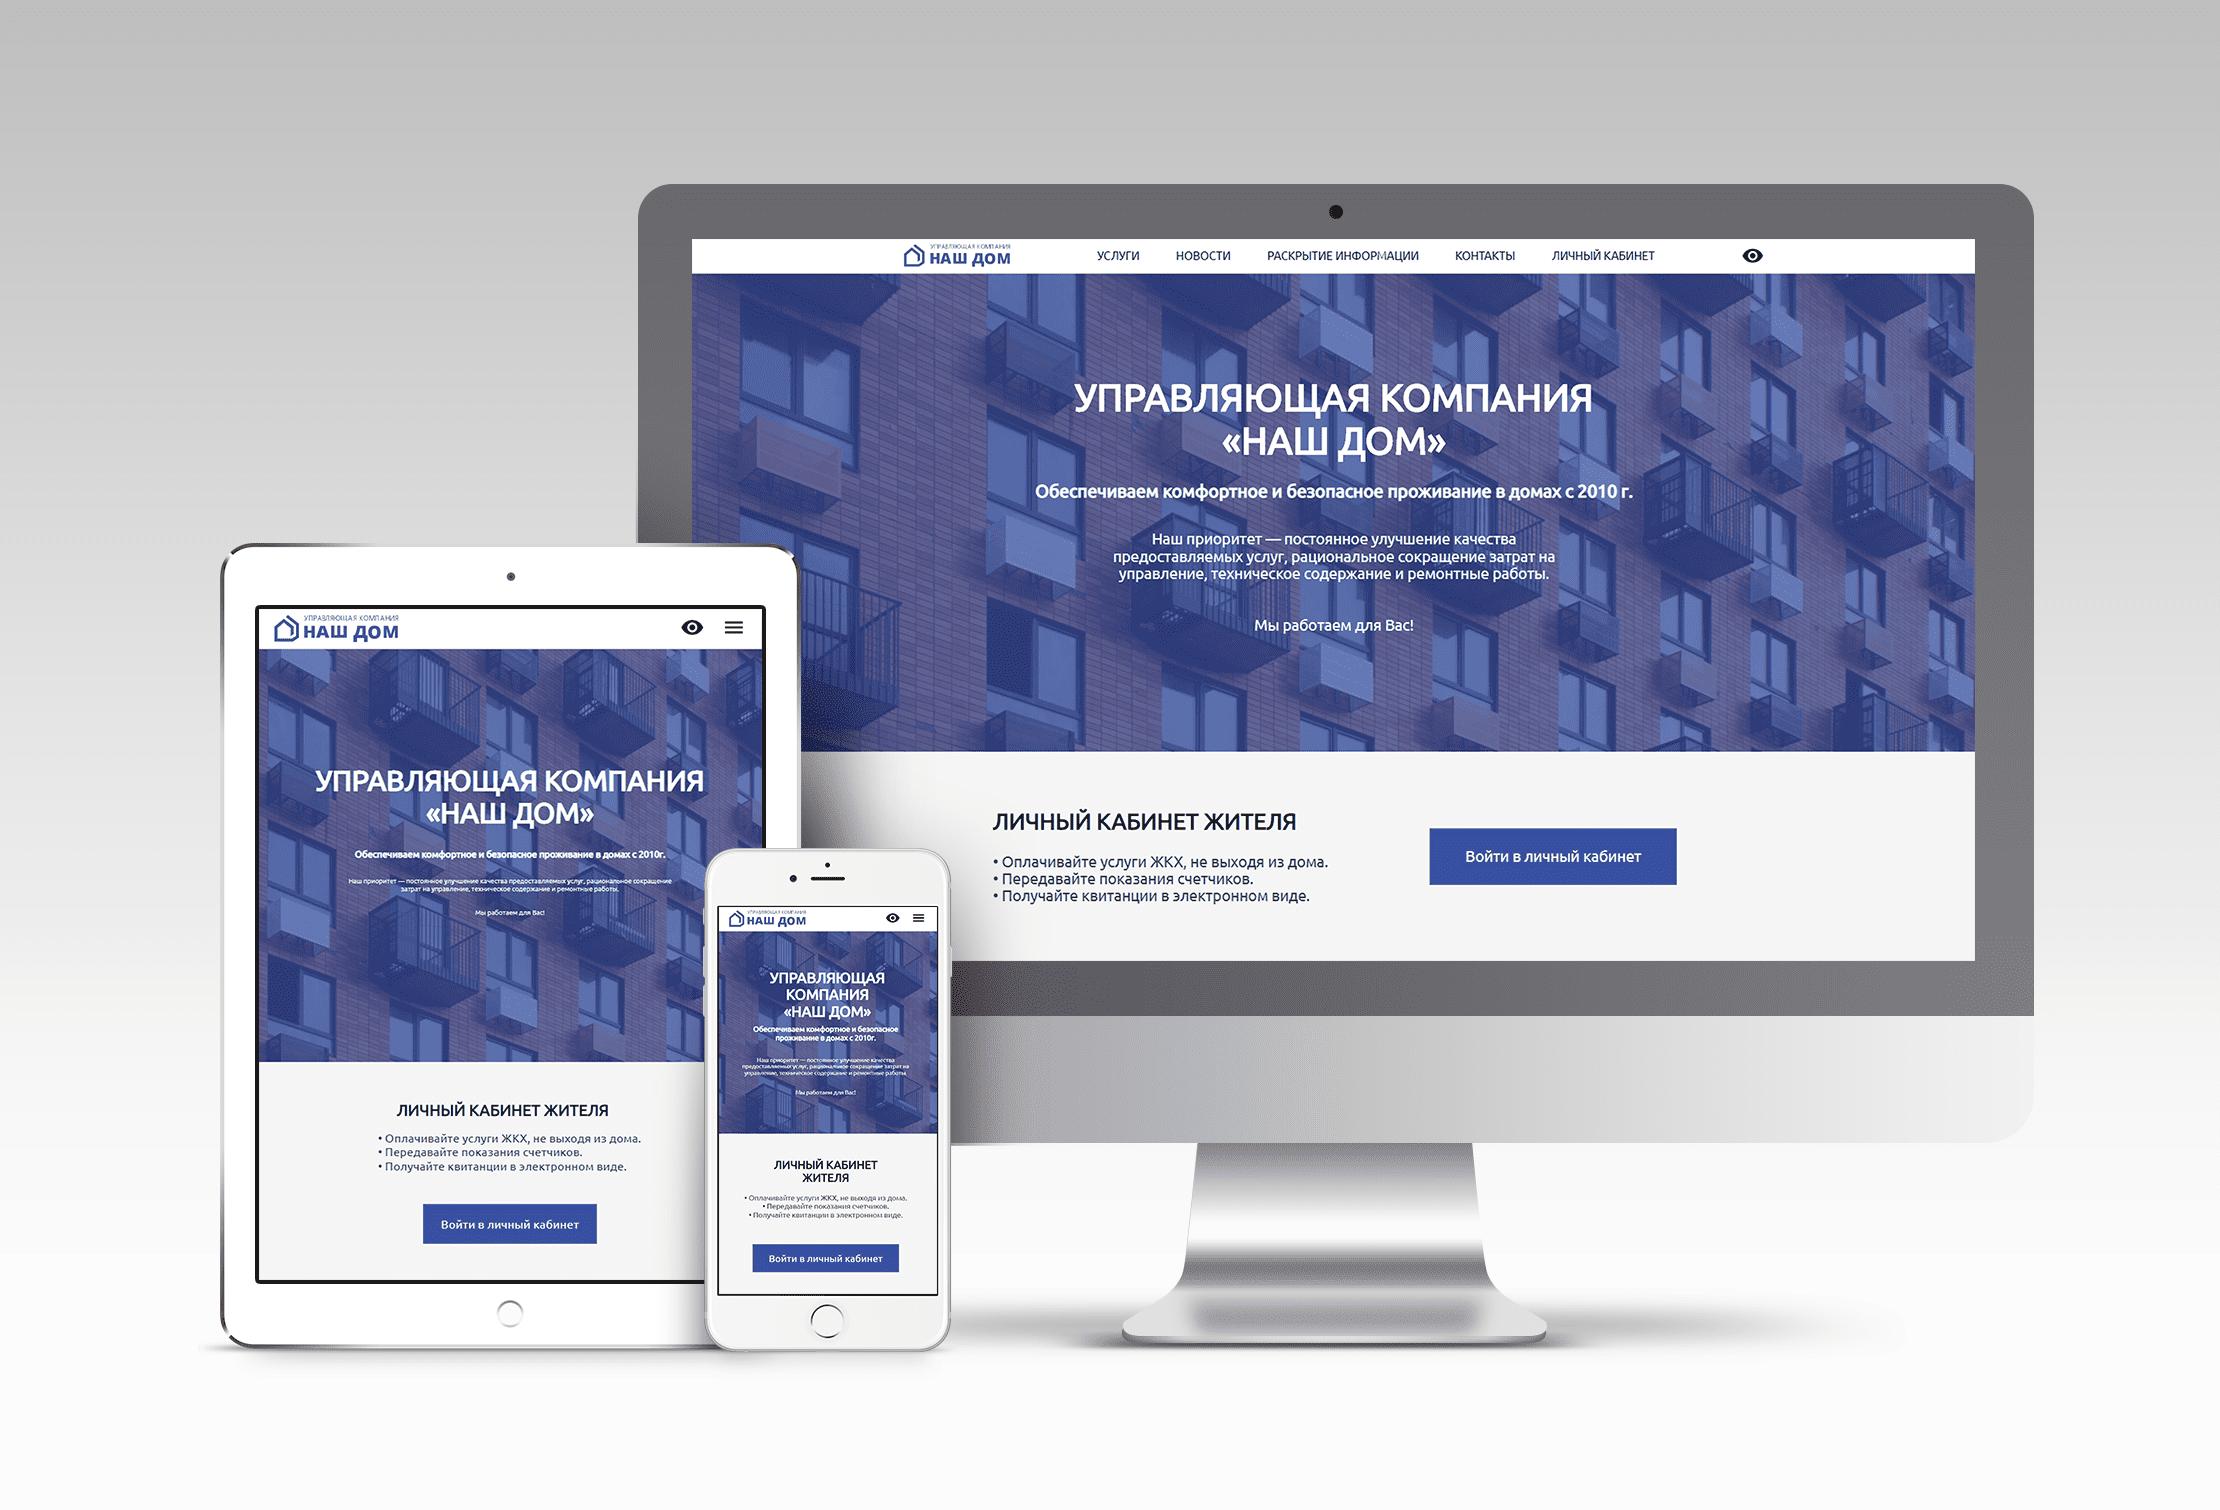 сайт управляющей компании в сфере жкх